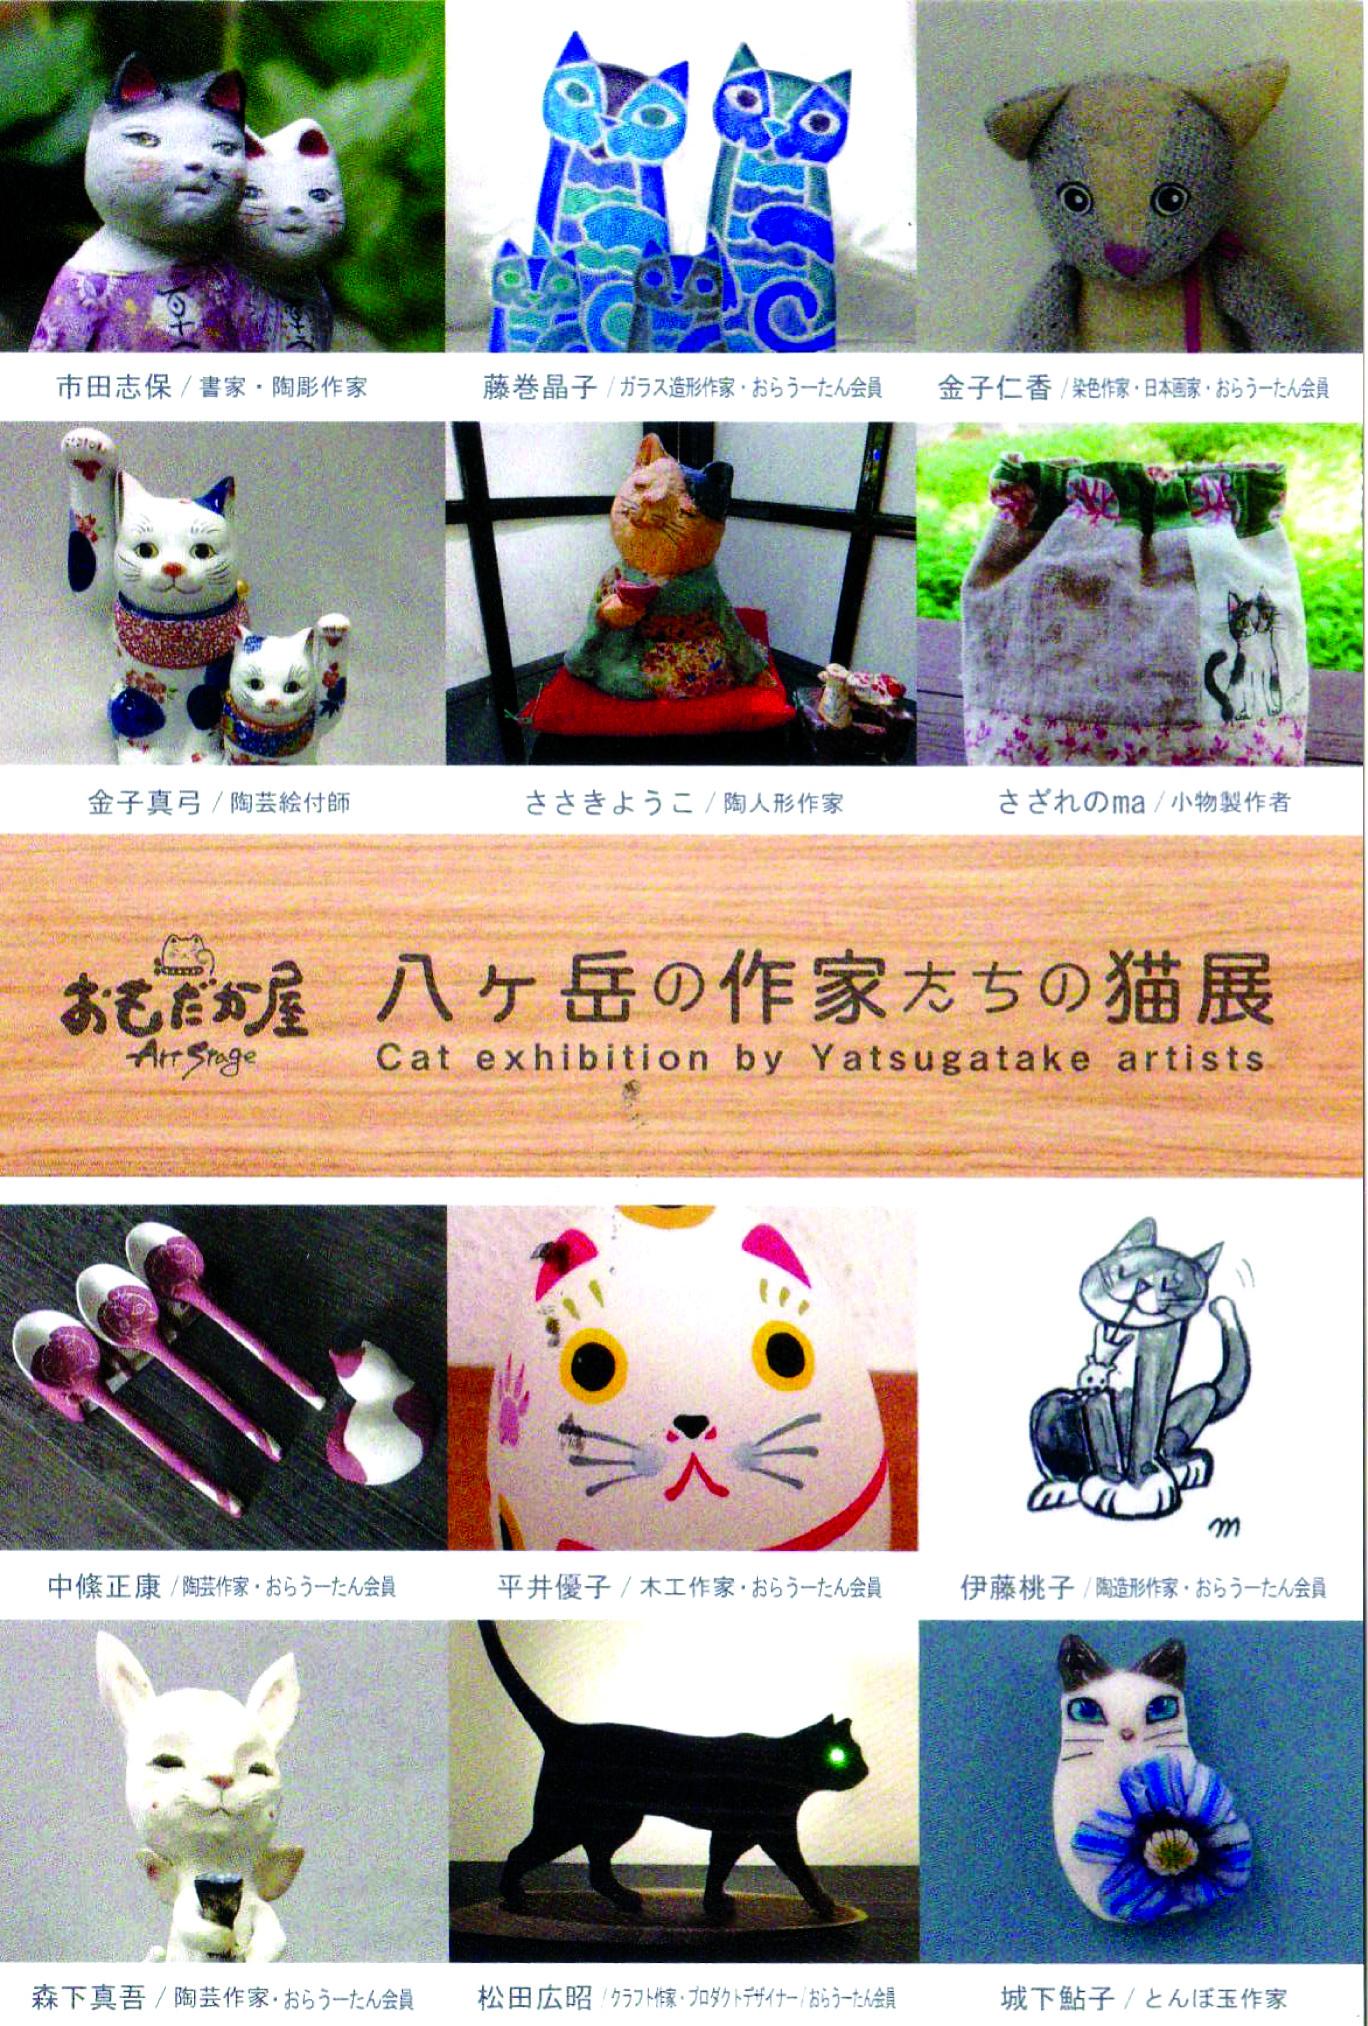 9/25(金)~10/11(日)八ヶ岳の作家たちの猫展「おもだかや」で  火・水・木定休